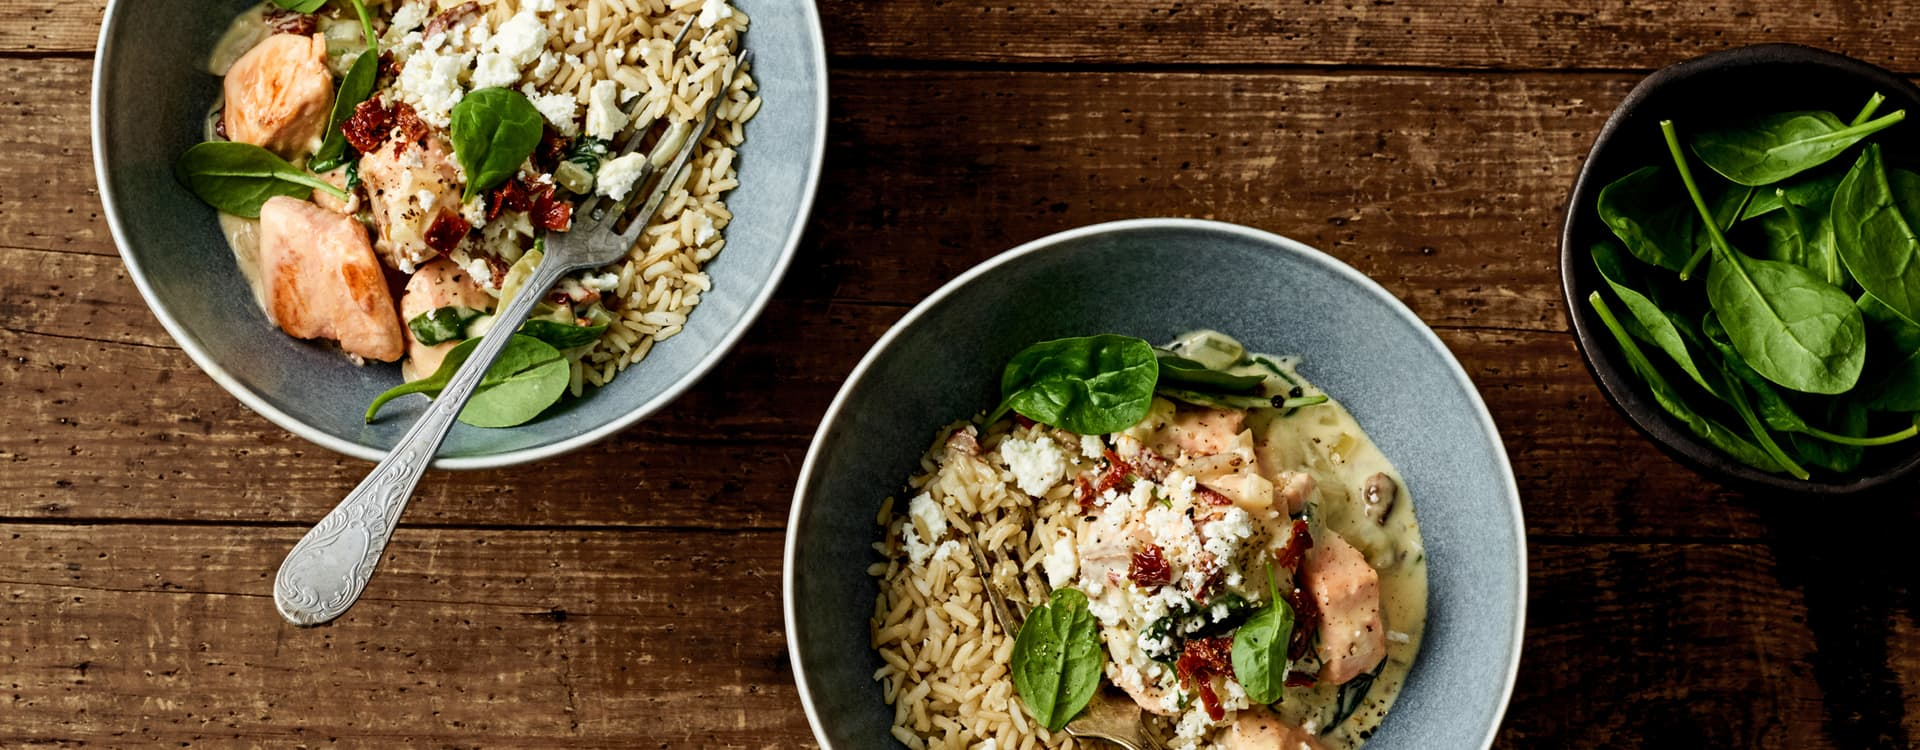 Kremet laksegryte med spinat og soltørkede tomater